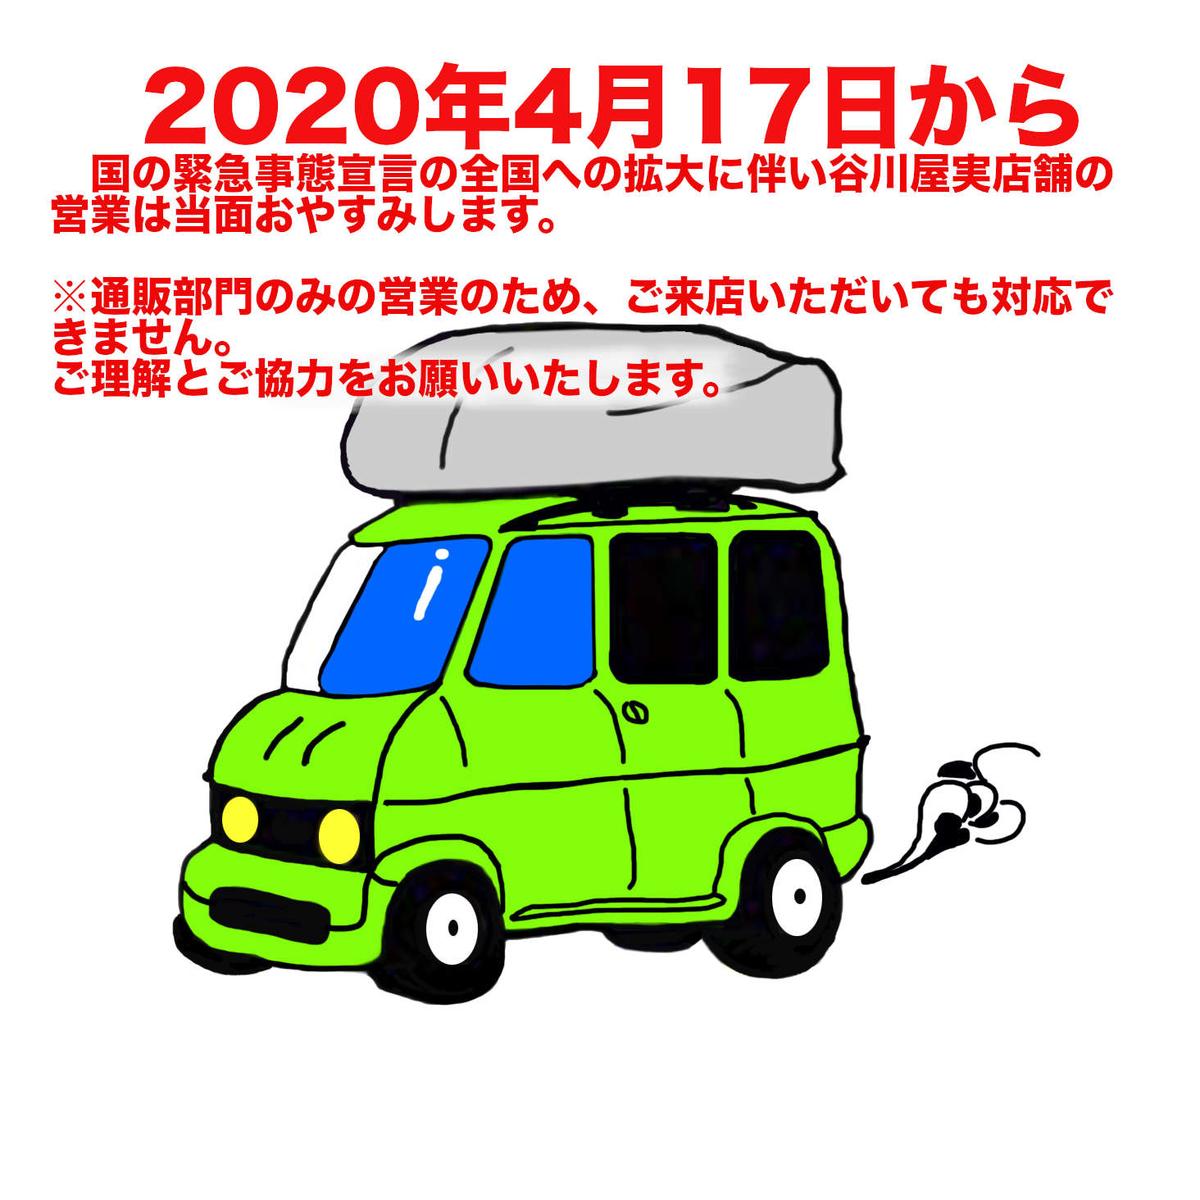 f:id:suzuka-mieken:20200417110746j:plain